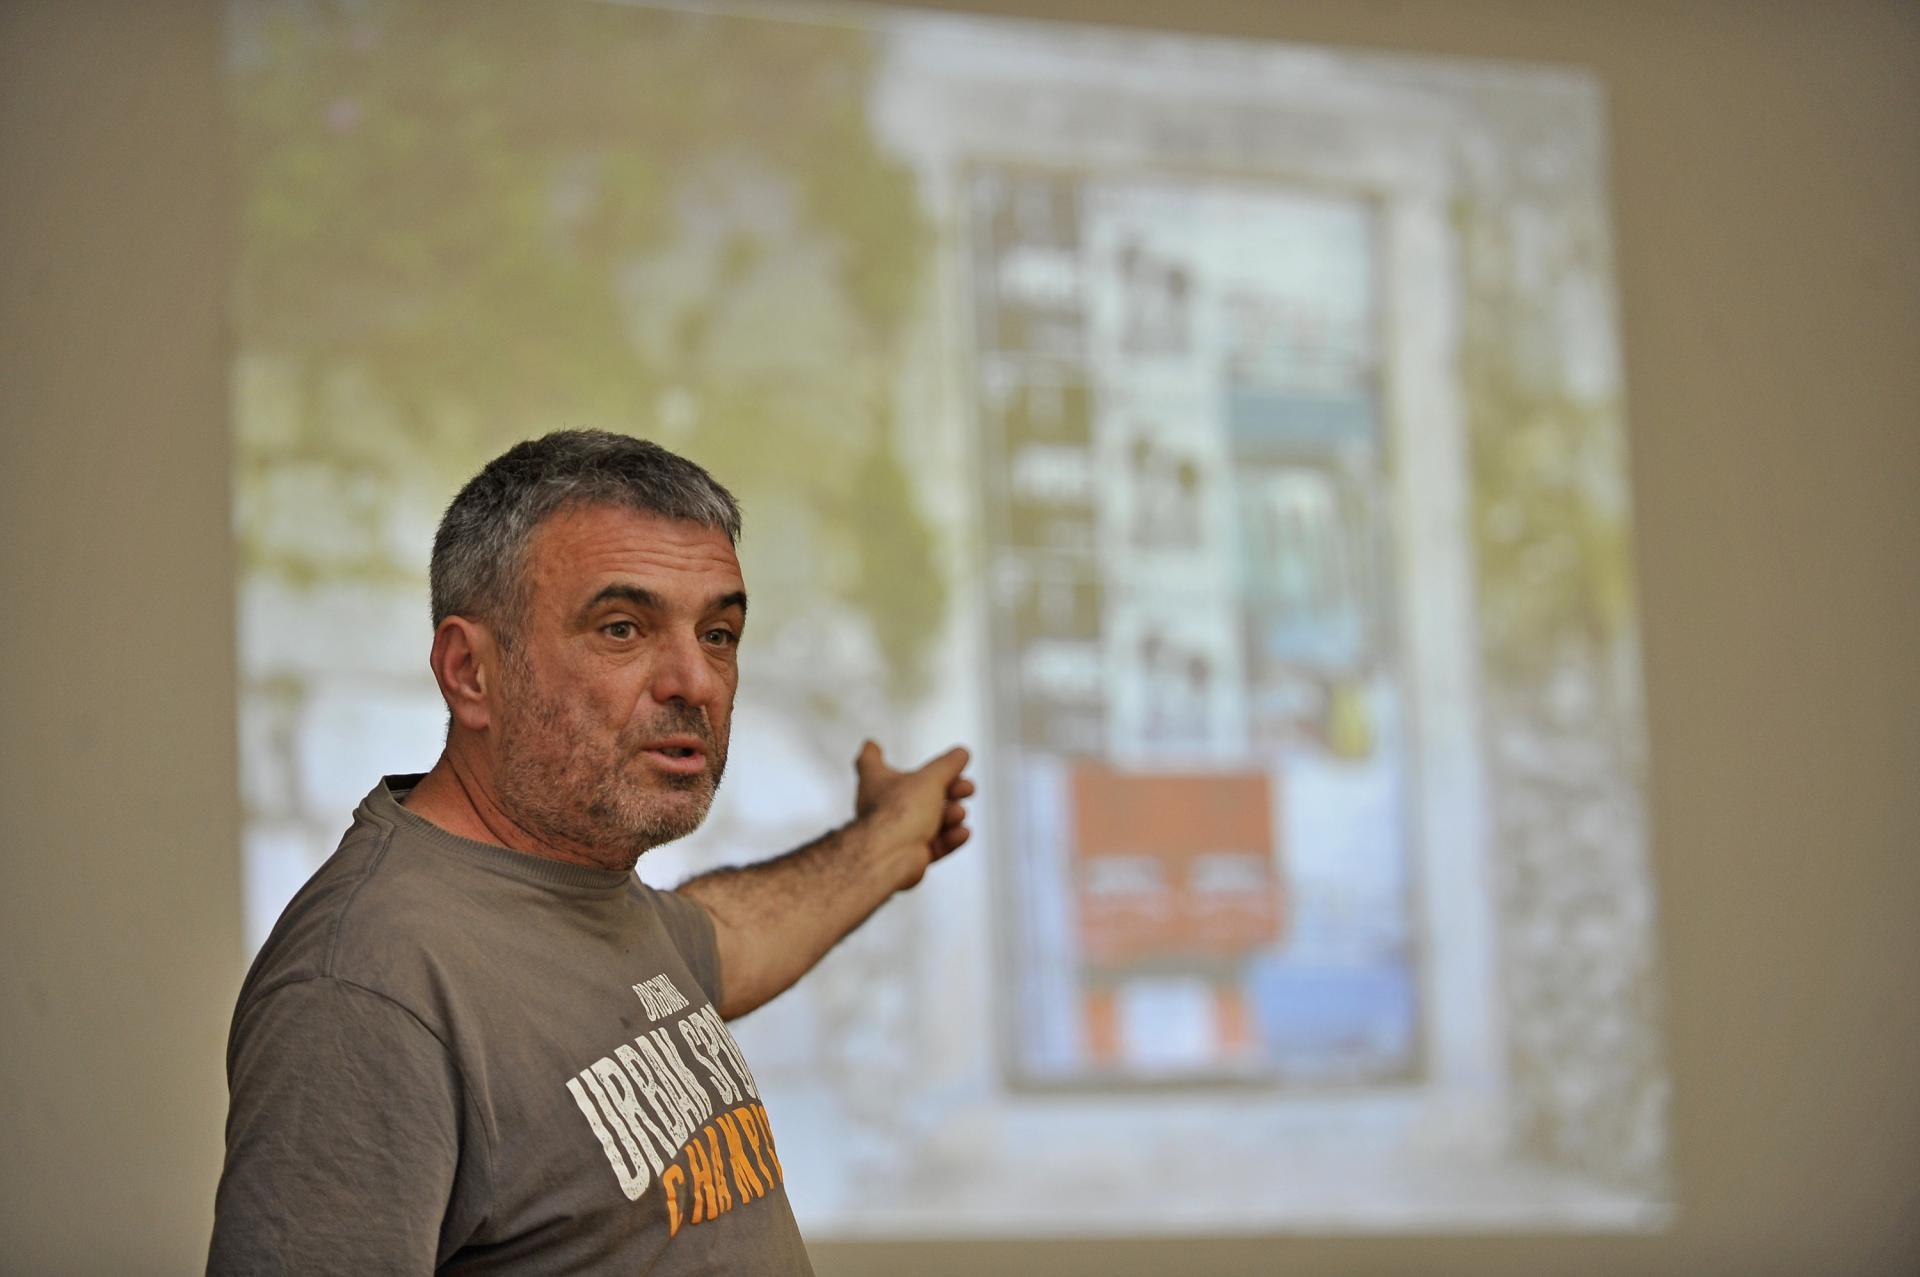 Apsurdno je da netko ilegalno obavlja djelatnost i nas tuži - rekao je Dalibor Popovič iz GIST-a